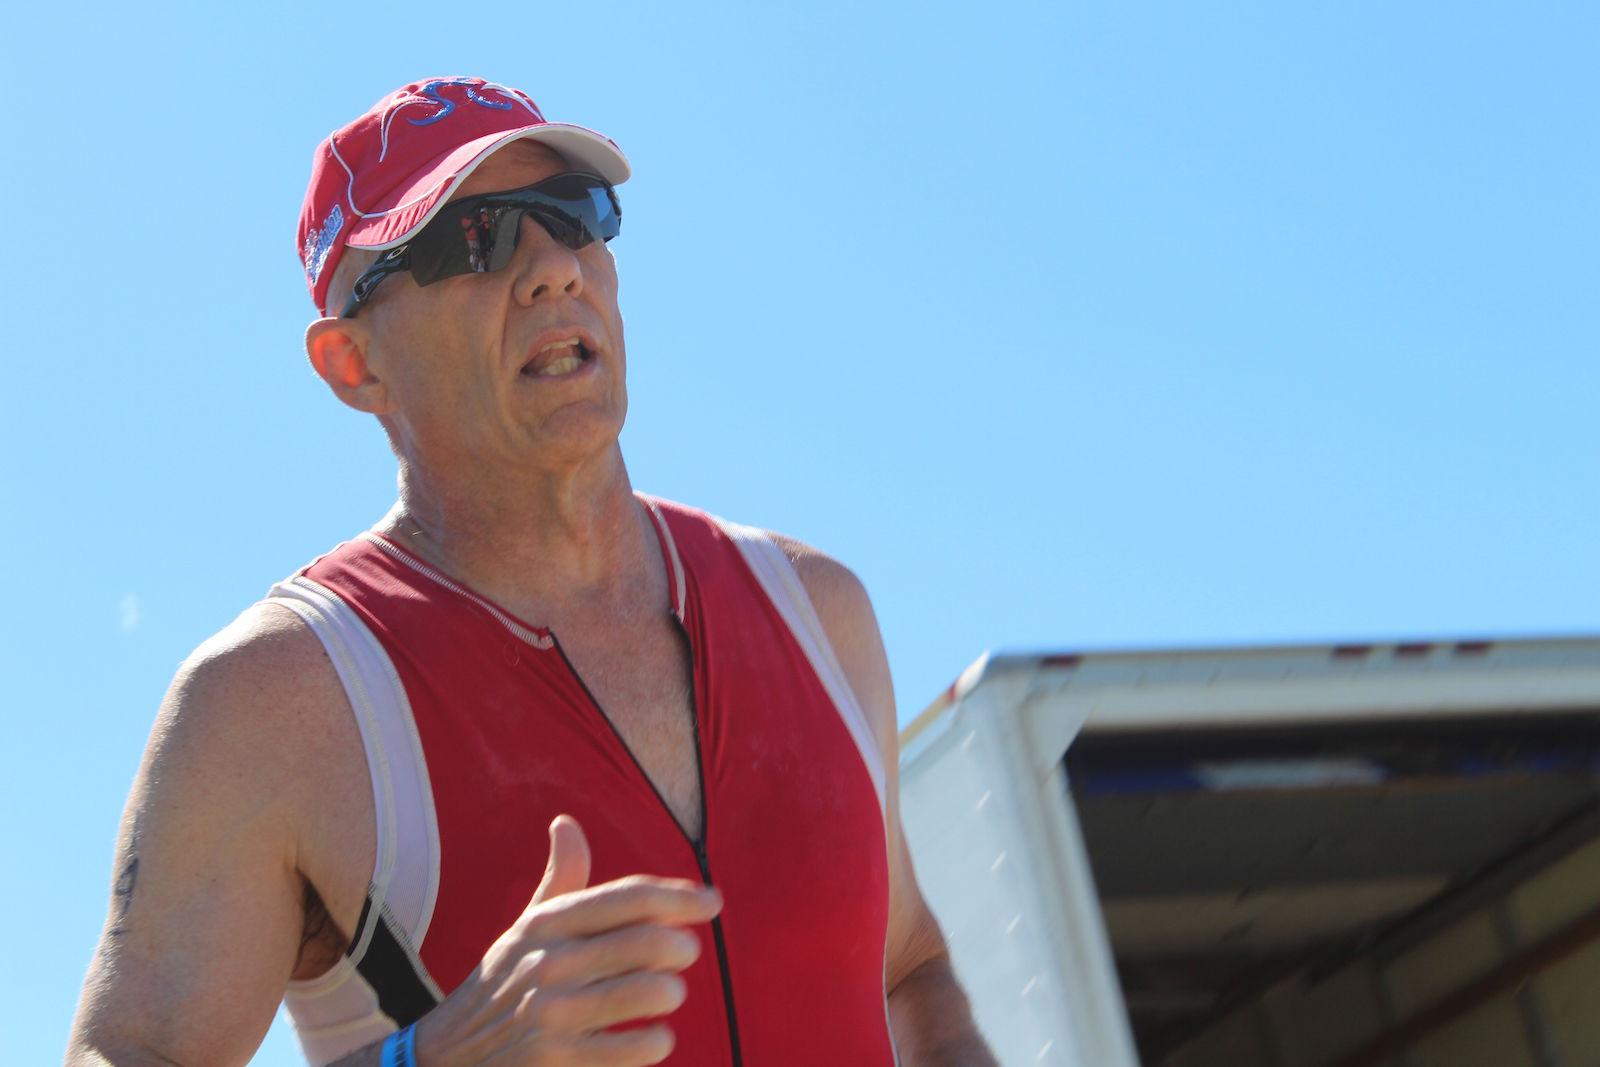 Captain Ricks Polk running with a clear blue sky behind him.